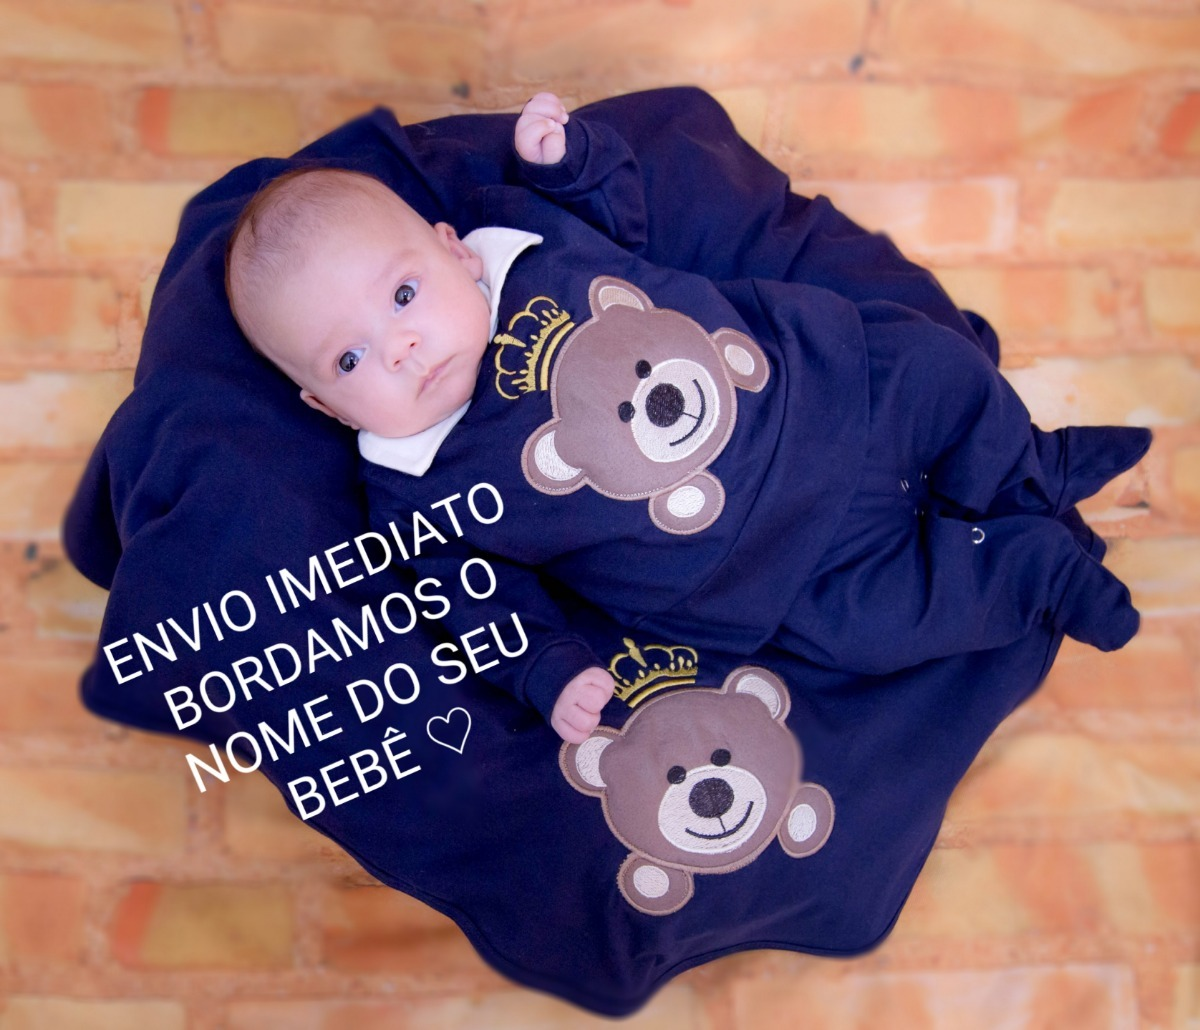 Saida De Maternidade Luxo Menino Urso Príncipe Marinho - R  120,00 ... 0a997b4fdb